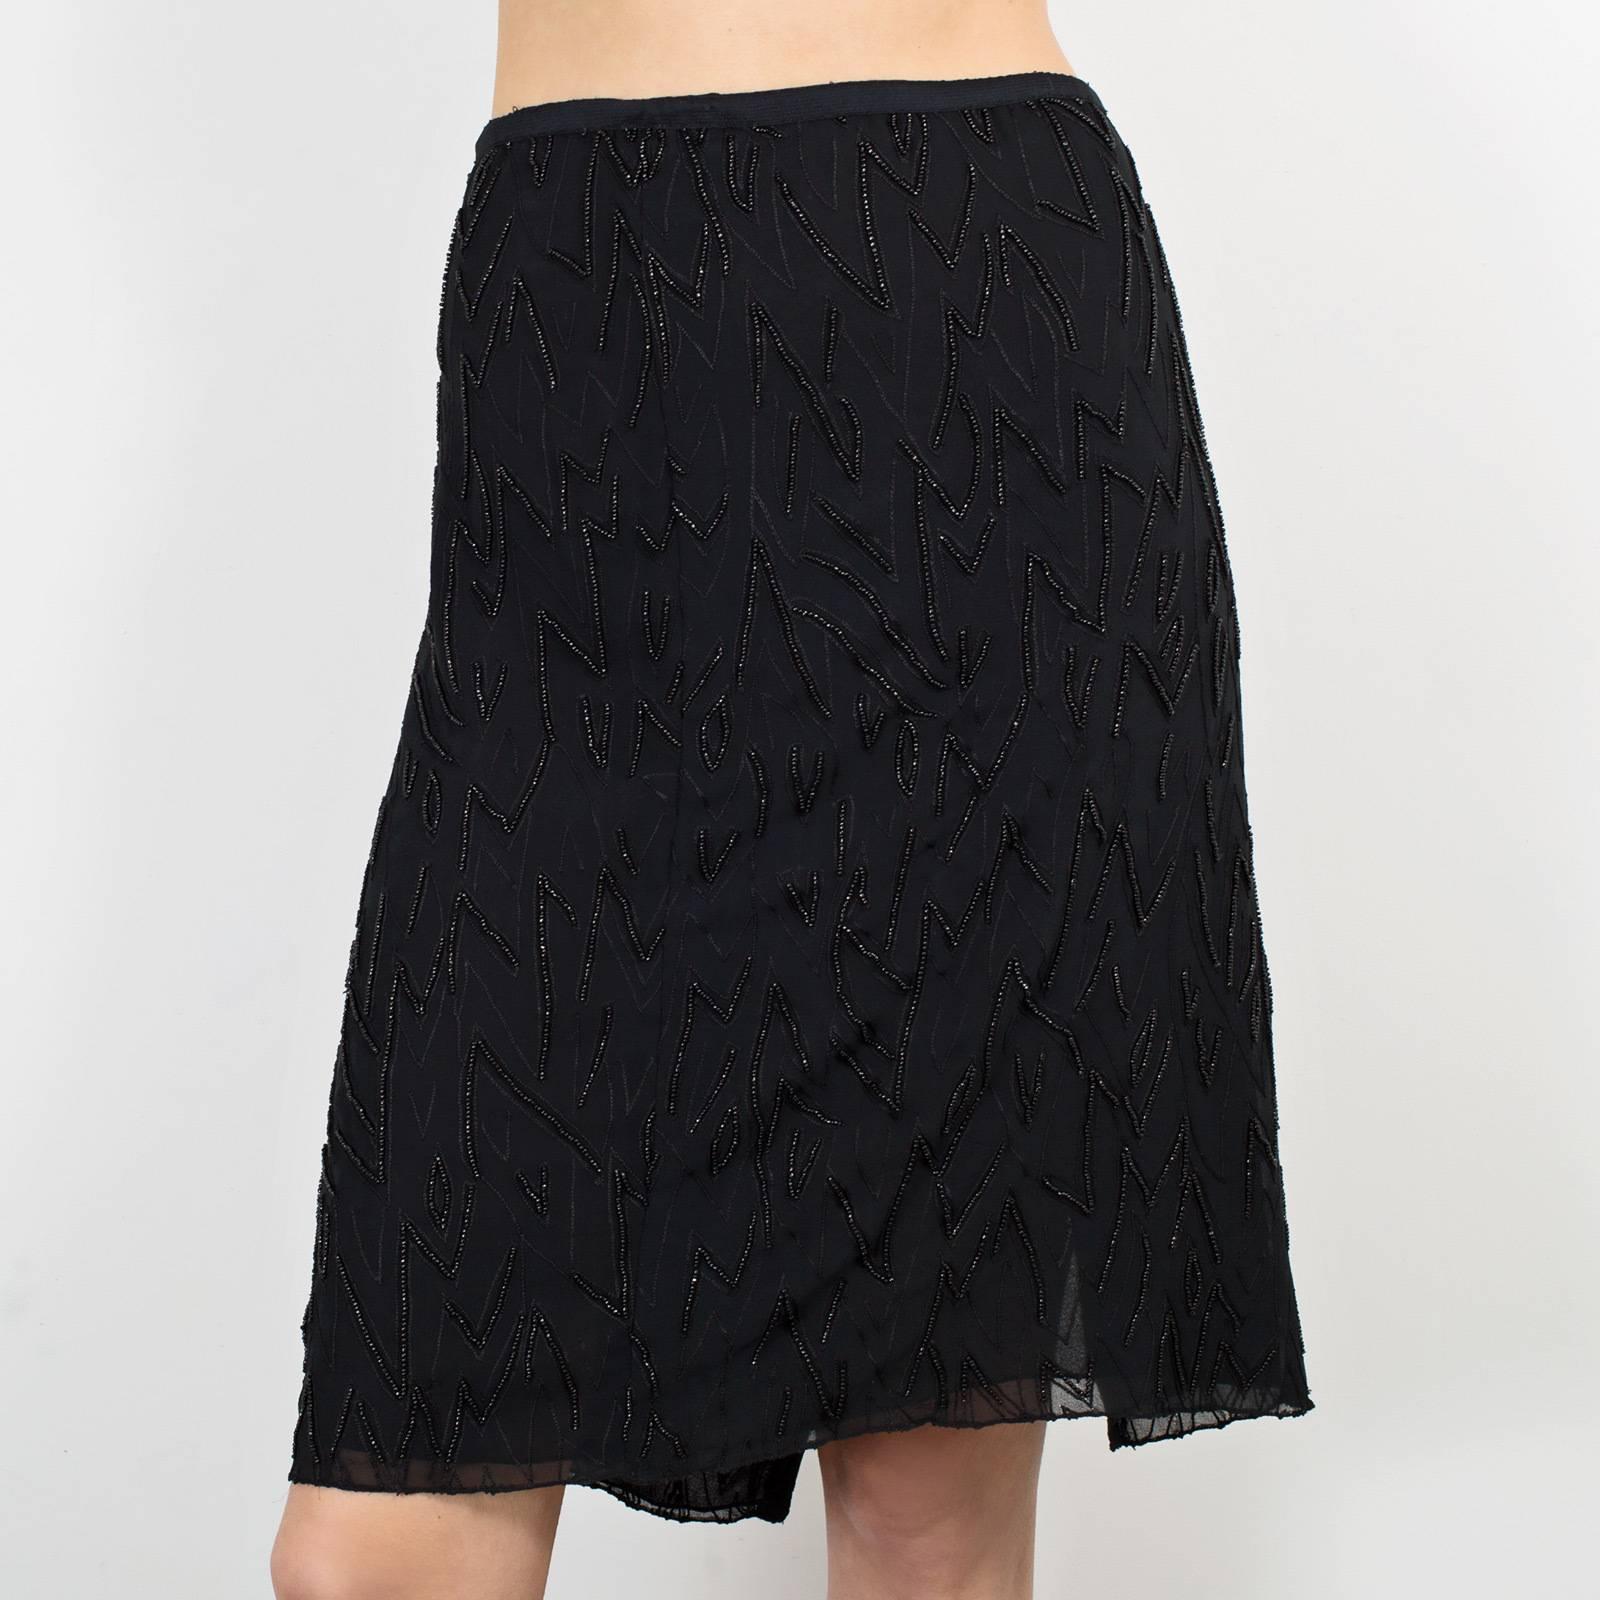 Где купить юбку с доставкой